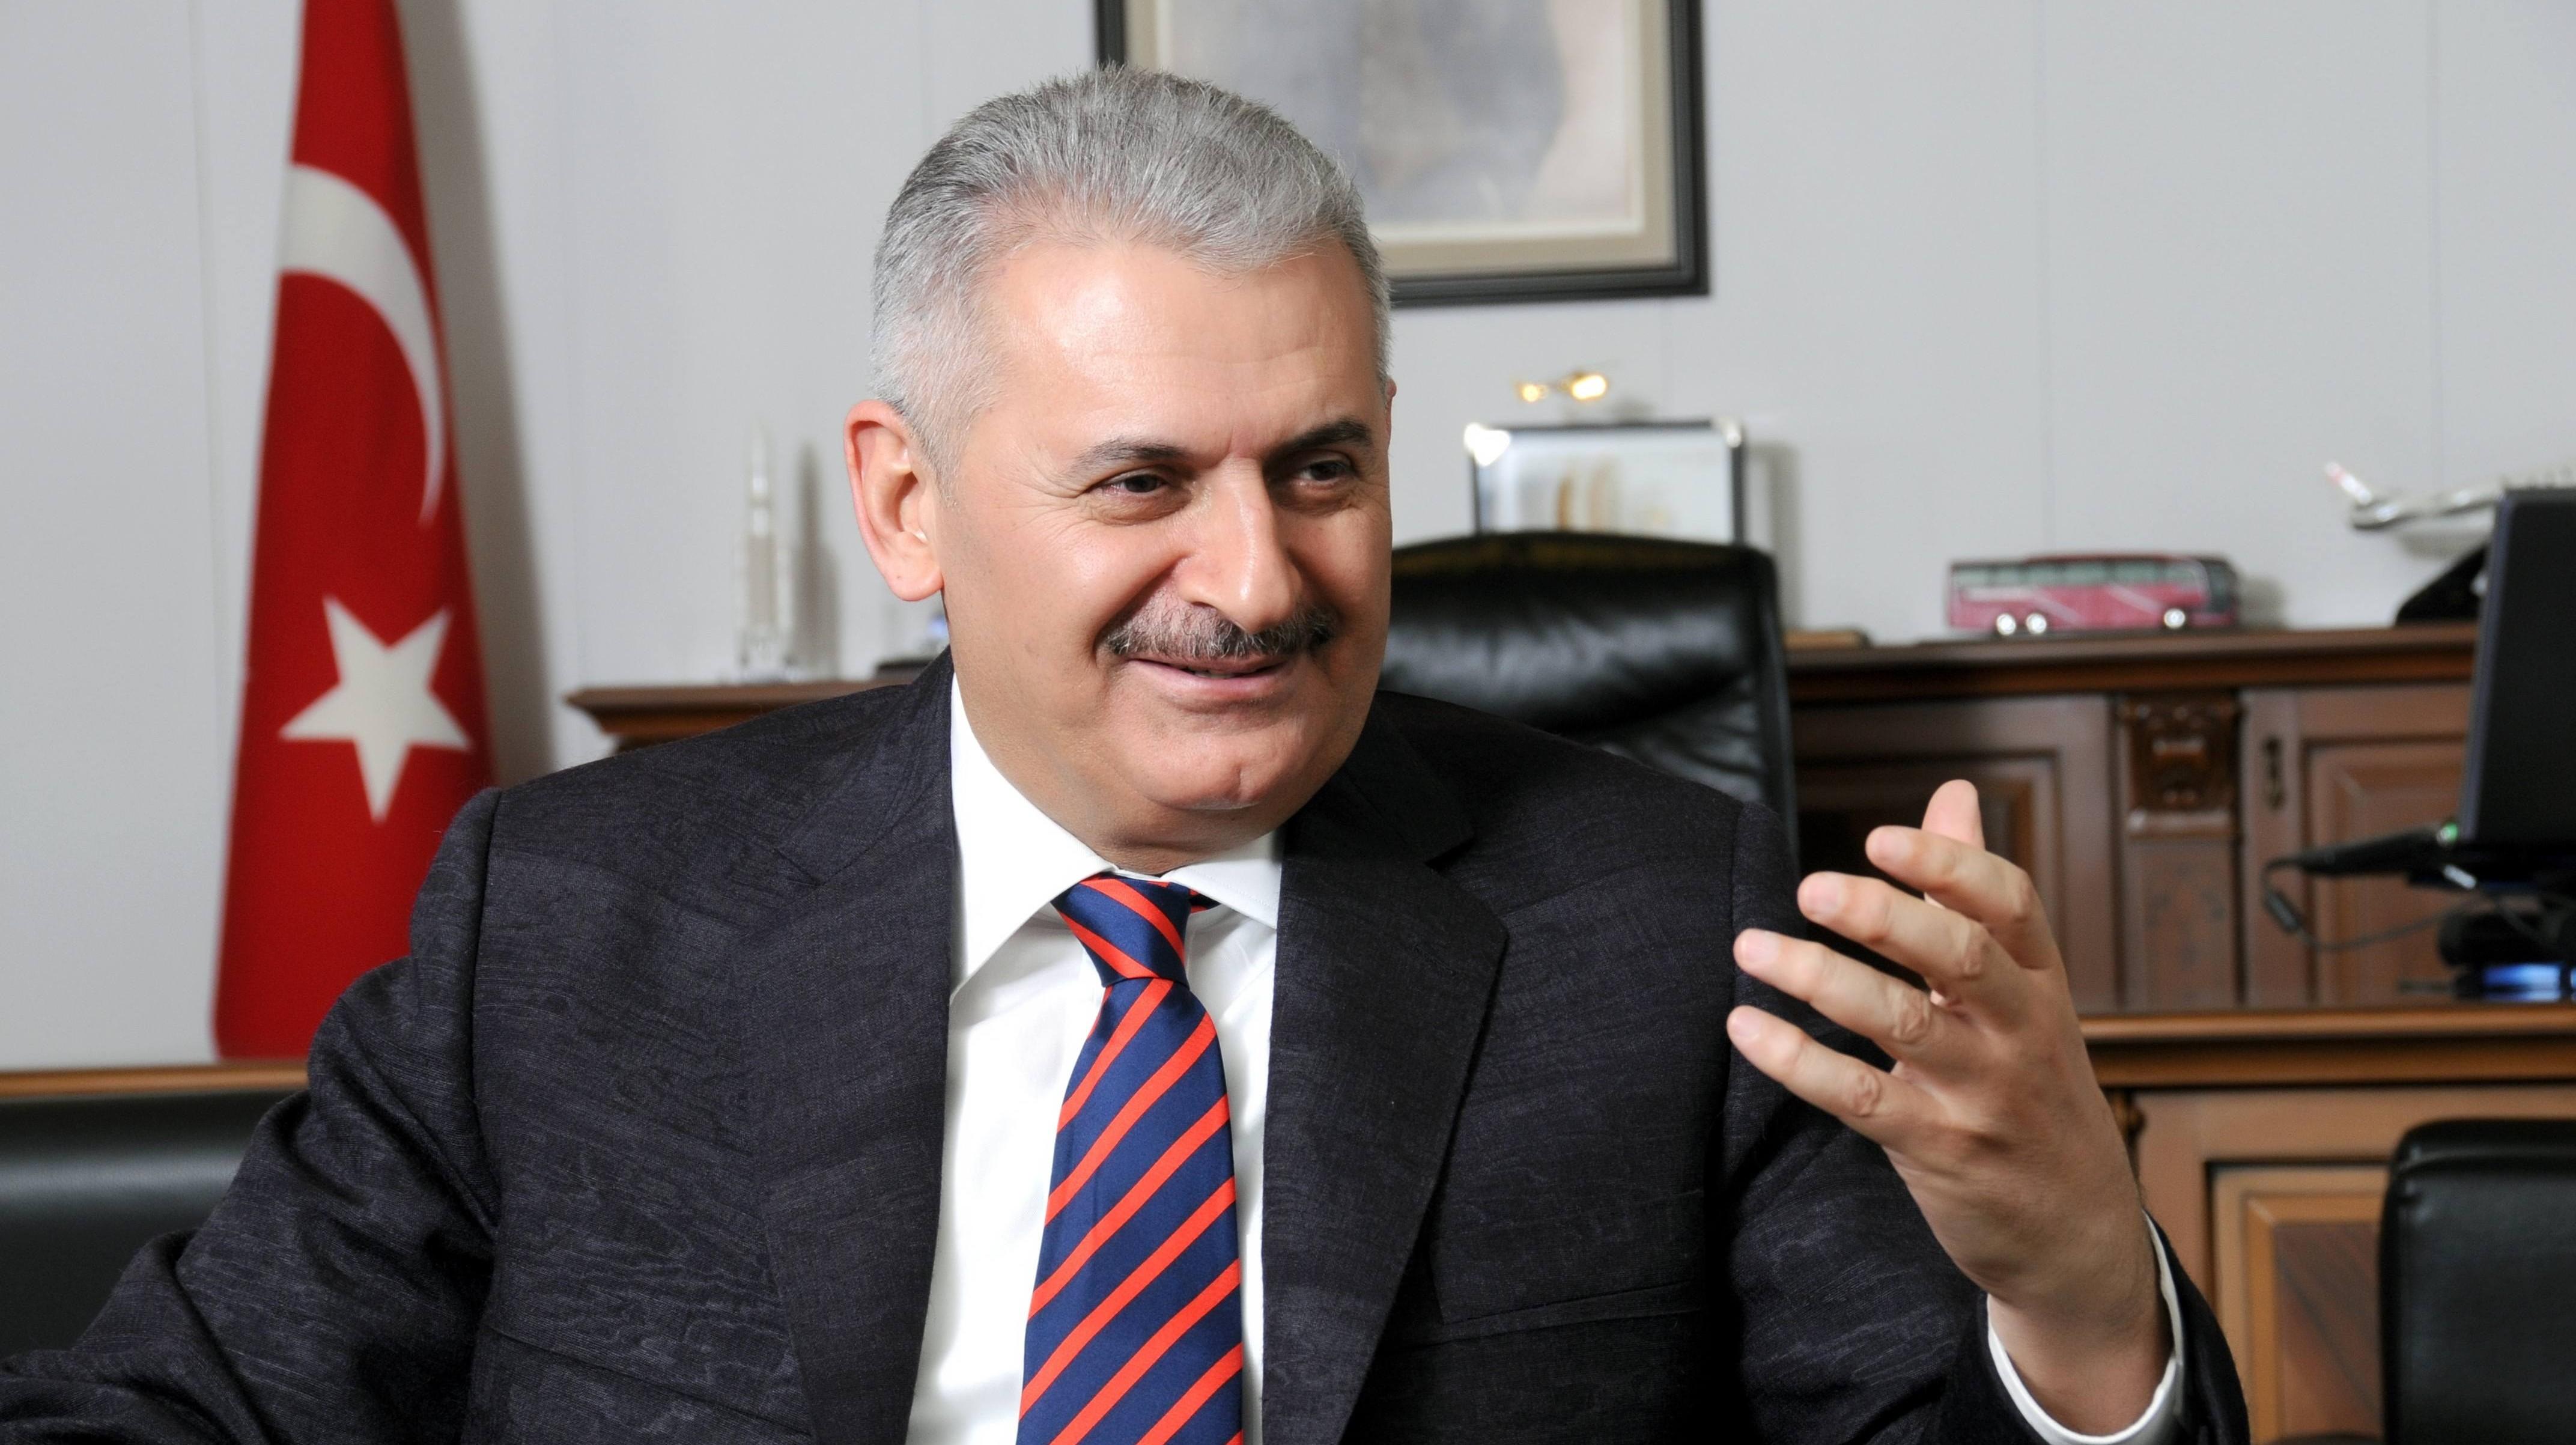 Yıldırım'dan yeni 'terörist' açılımı: 'Yücel'in tahliyesinde gizli pazarlık var' diyenler PKK'li